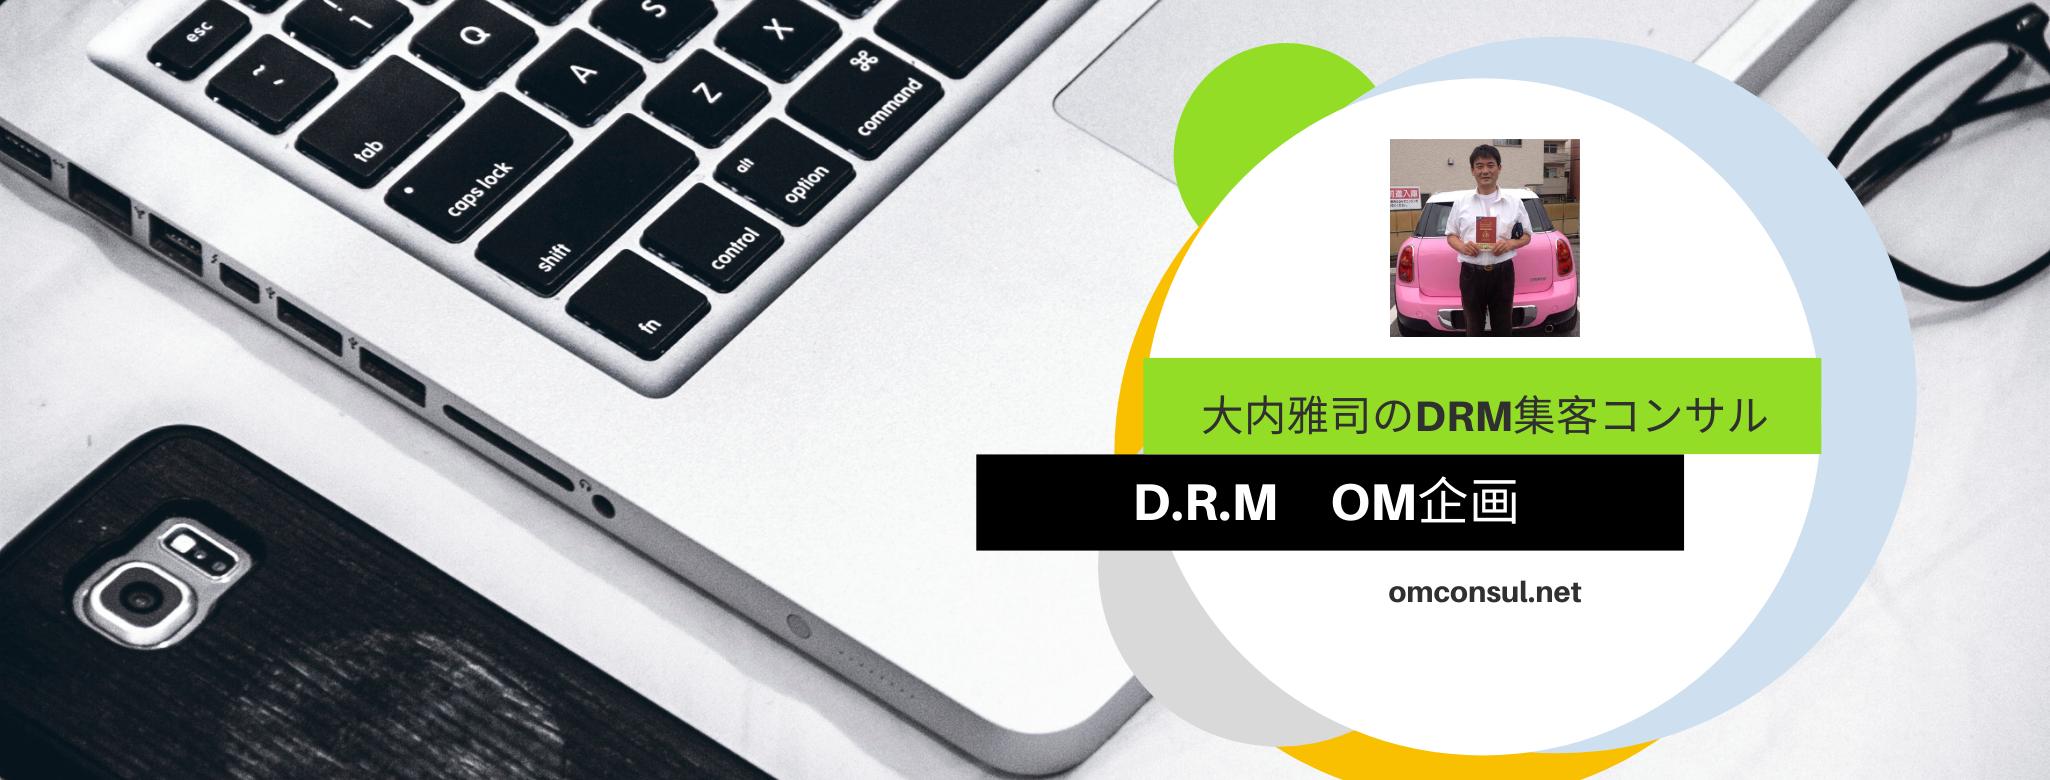 大内雅司のDRM集客コンサルサービス・OM企画